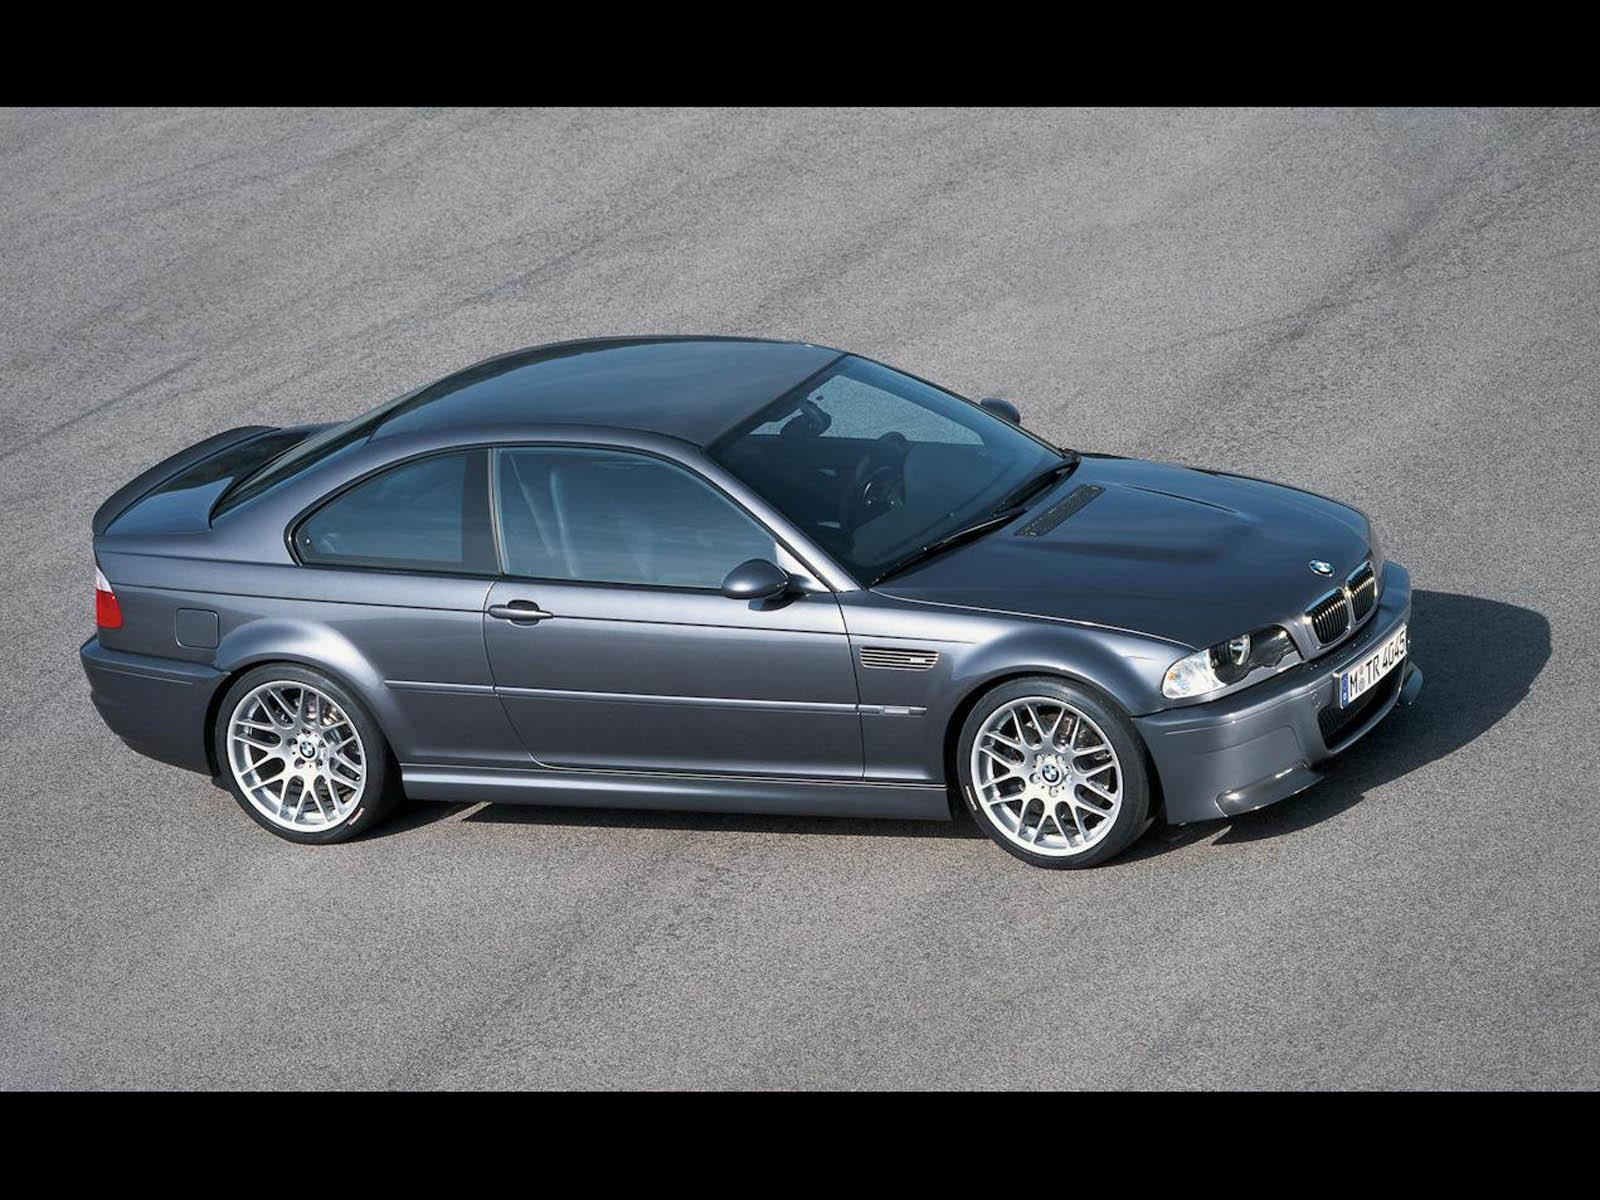 m3 e46 csl car wallpapers bmw m3 e46 csl car desktop wallpapers bmw m3 1600x1200